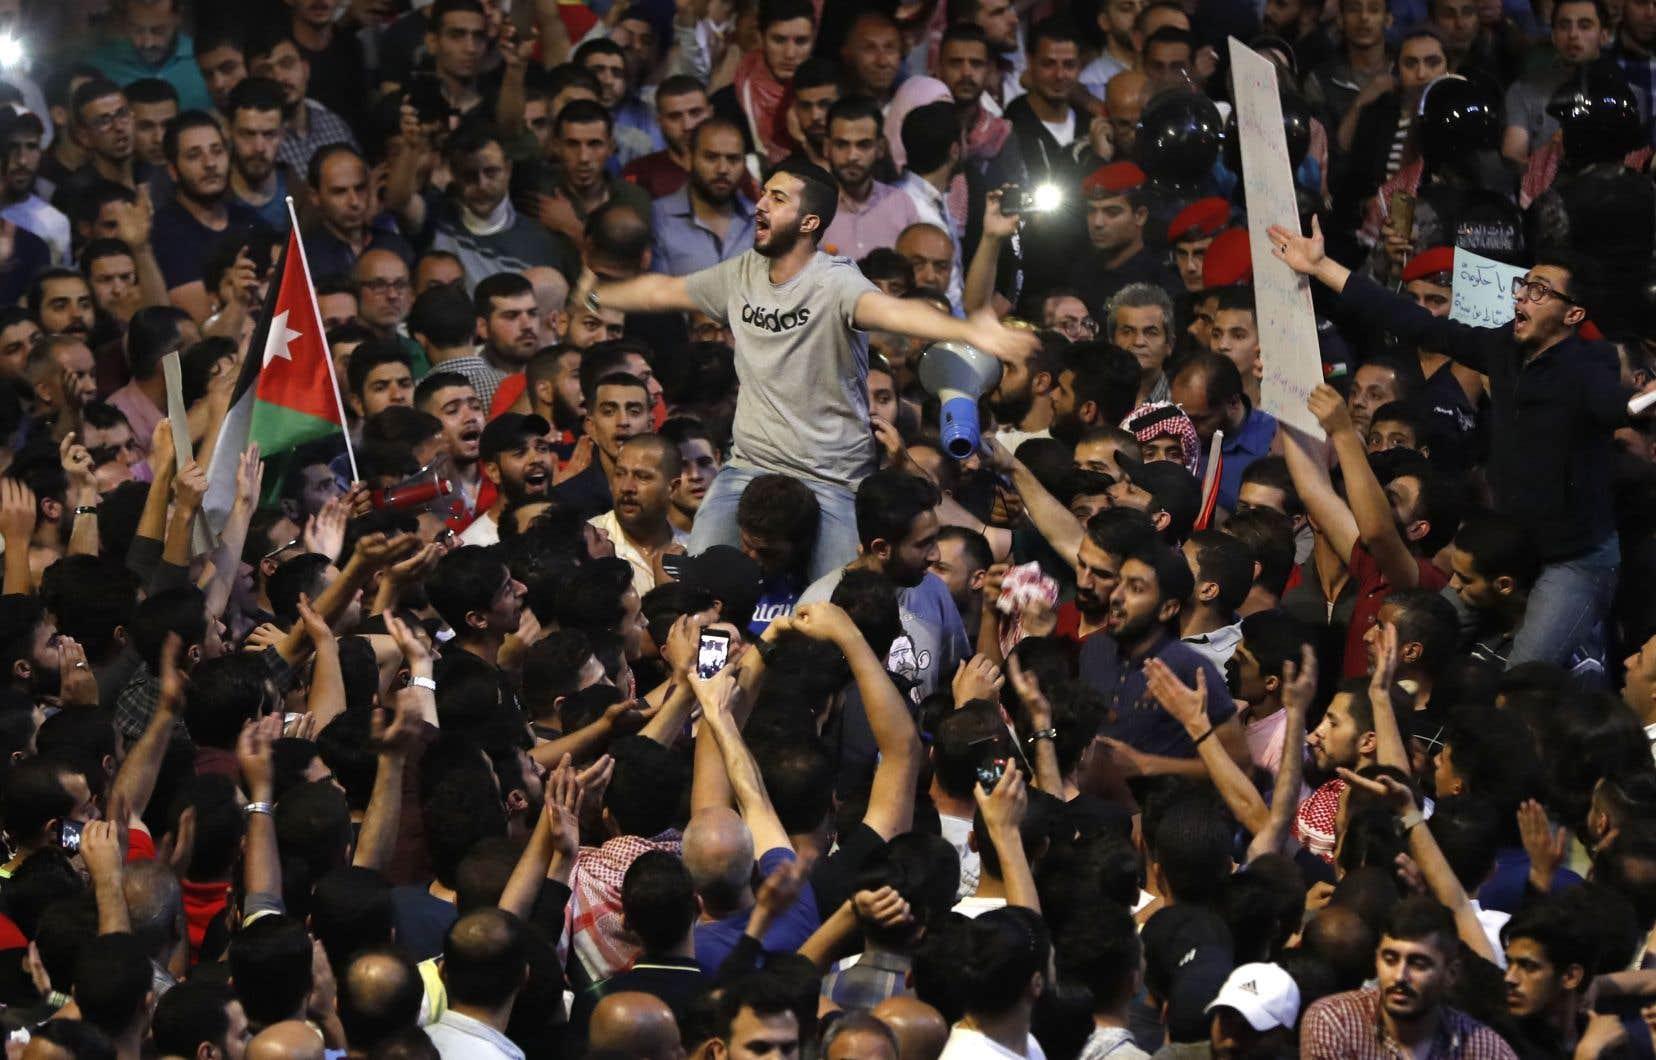 Des Jordaniens manifestent à Amman près du bureau du premier ministre.